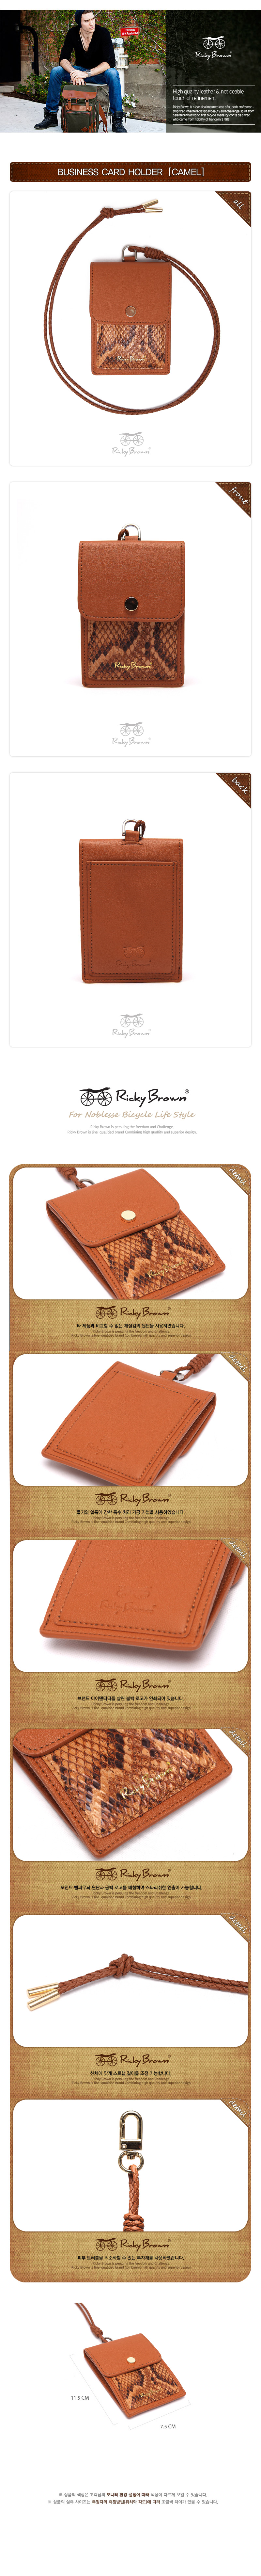 [리키브라운]RICKY BROWN - Business Card Holde (CAMET)